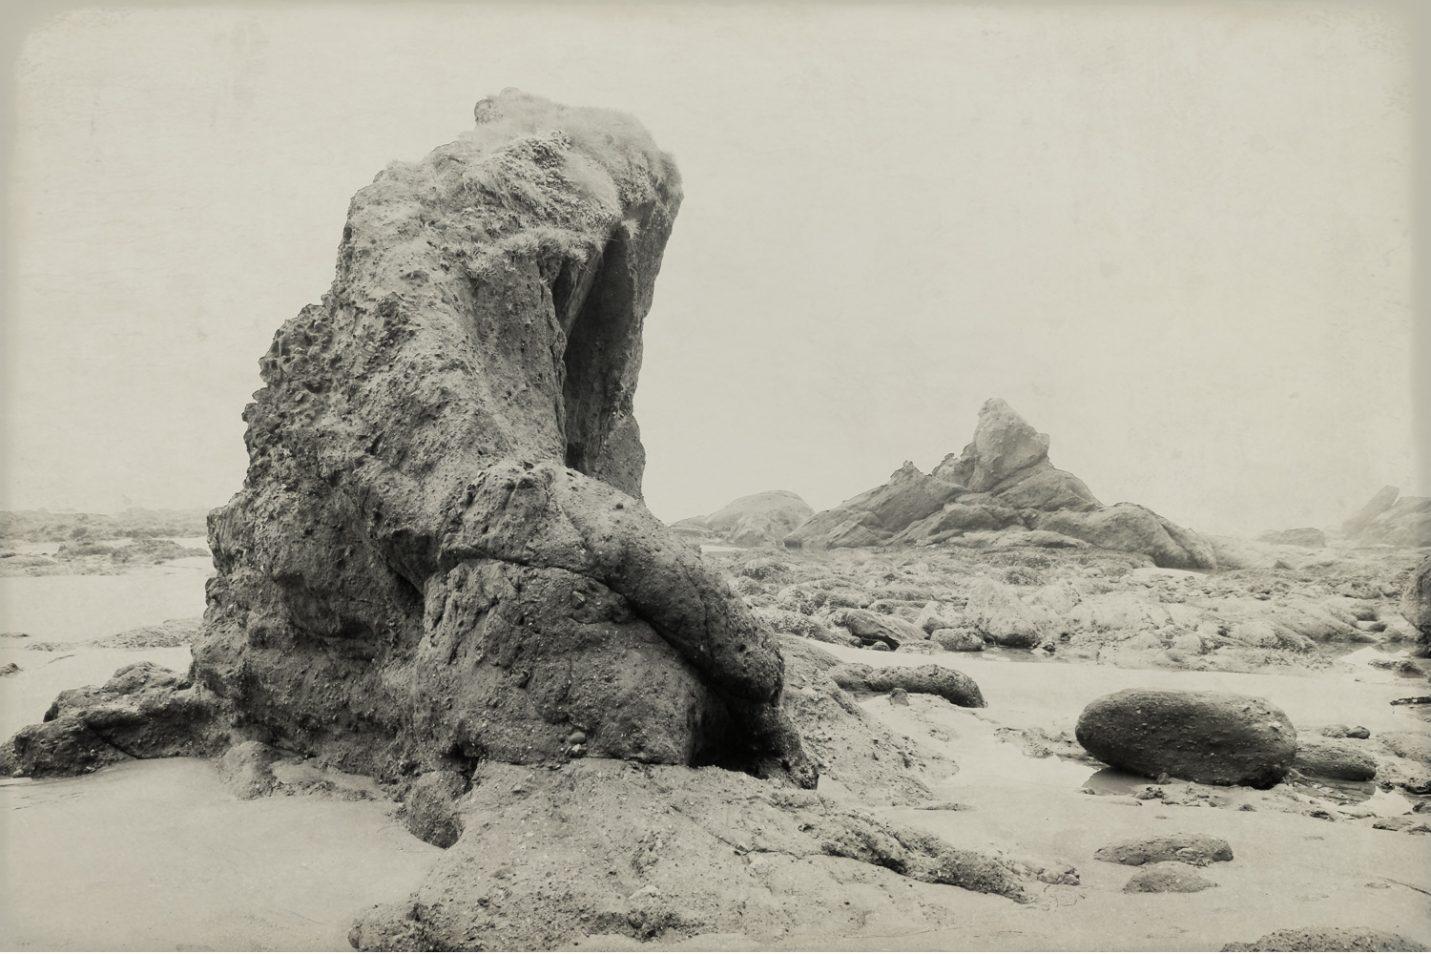 pacific-northwest-photo-fine-art-landscape-shi-shi-washington-coast_0001